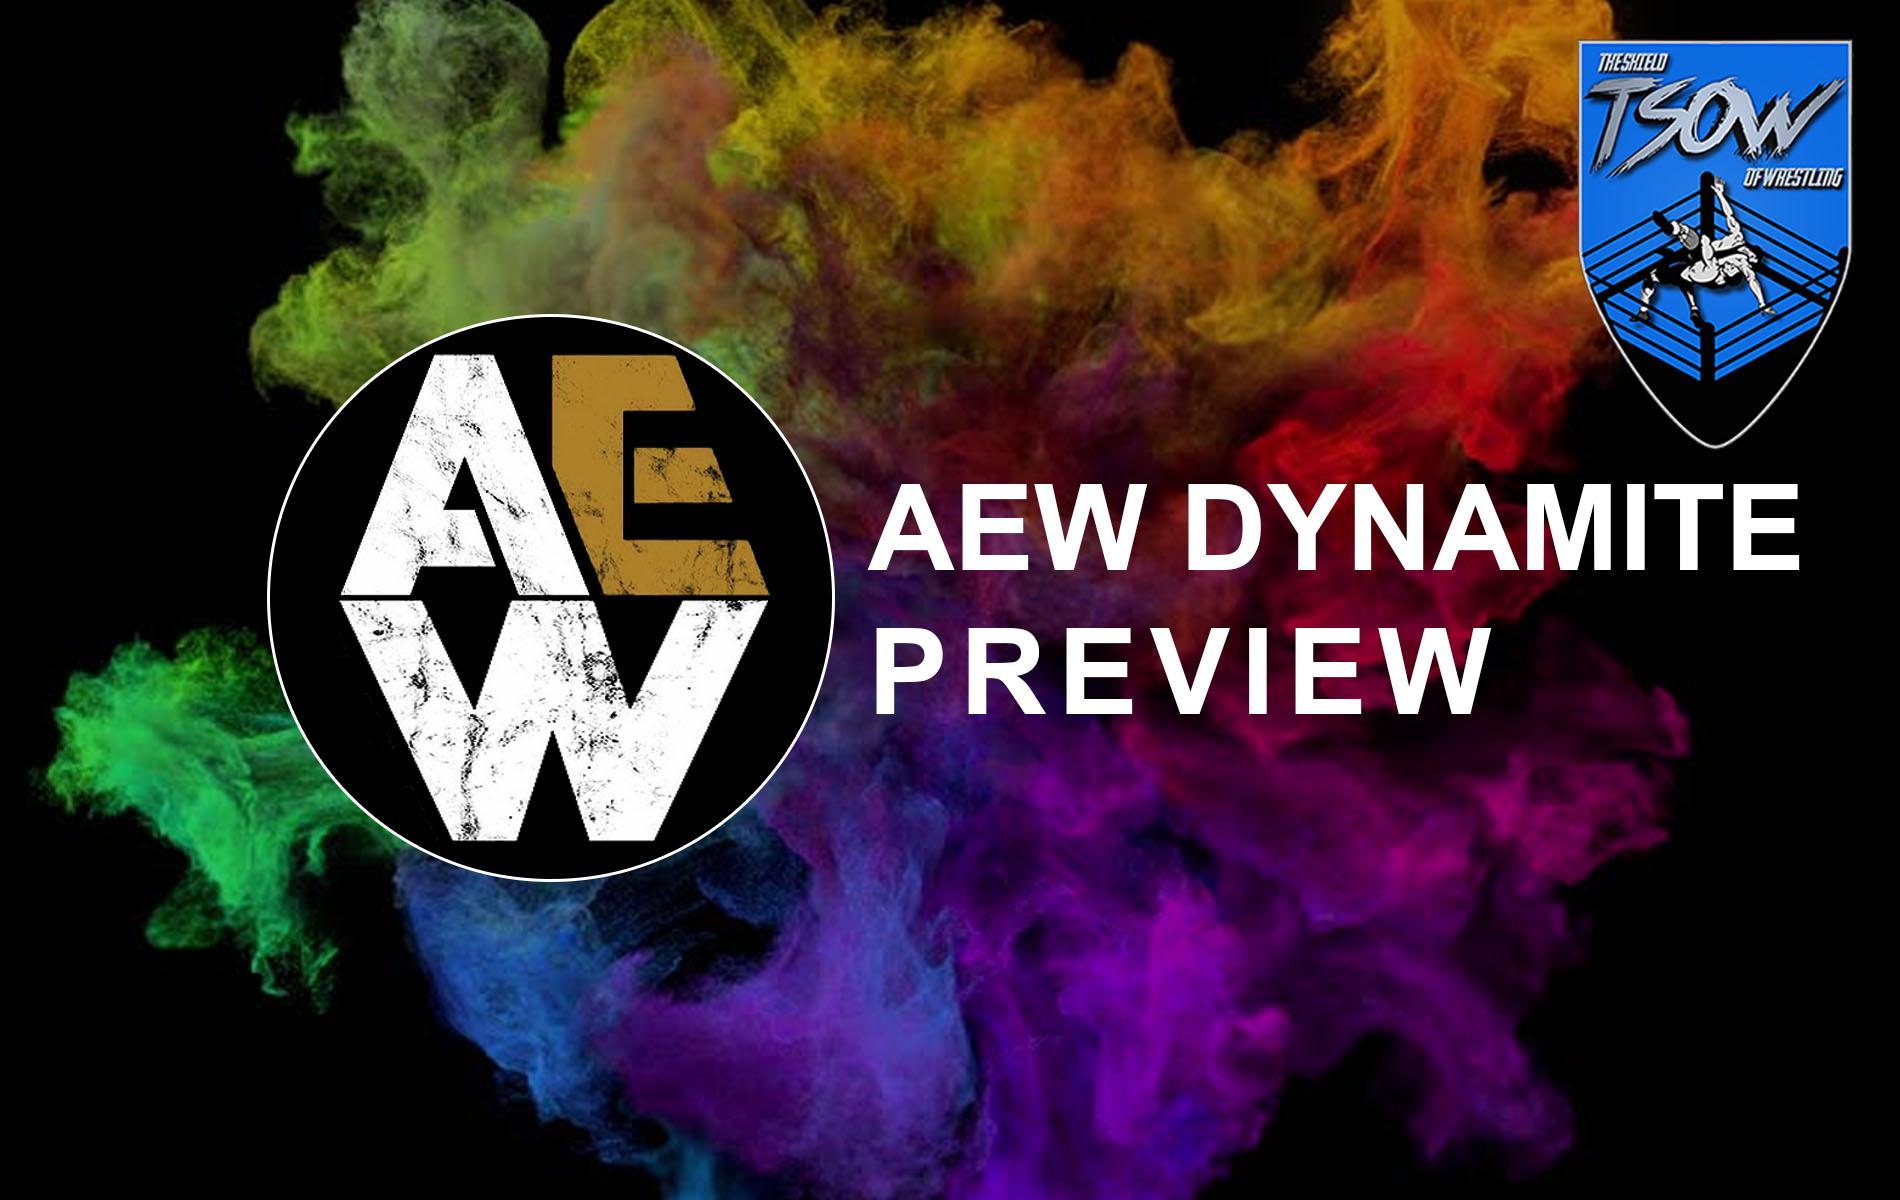 Anteprima AEW Dynamite 14-04-2021